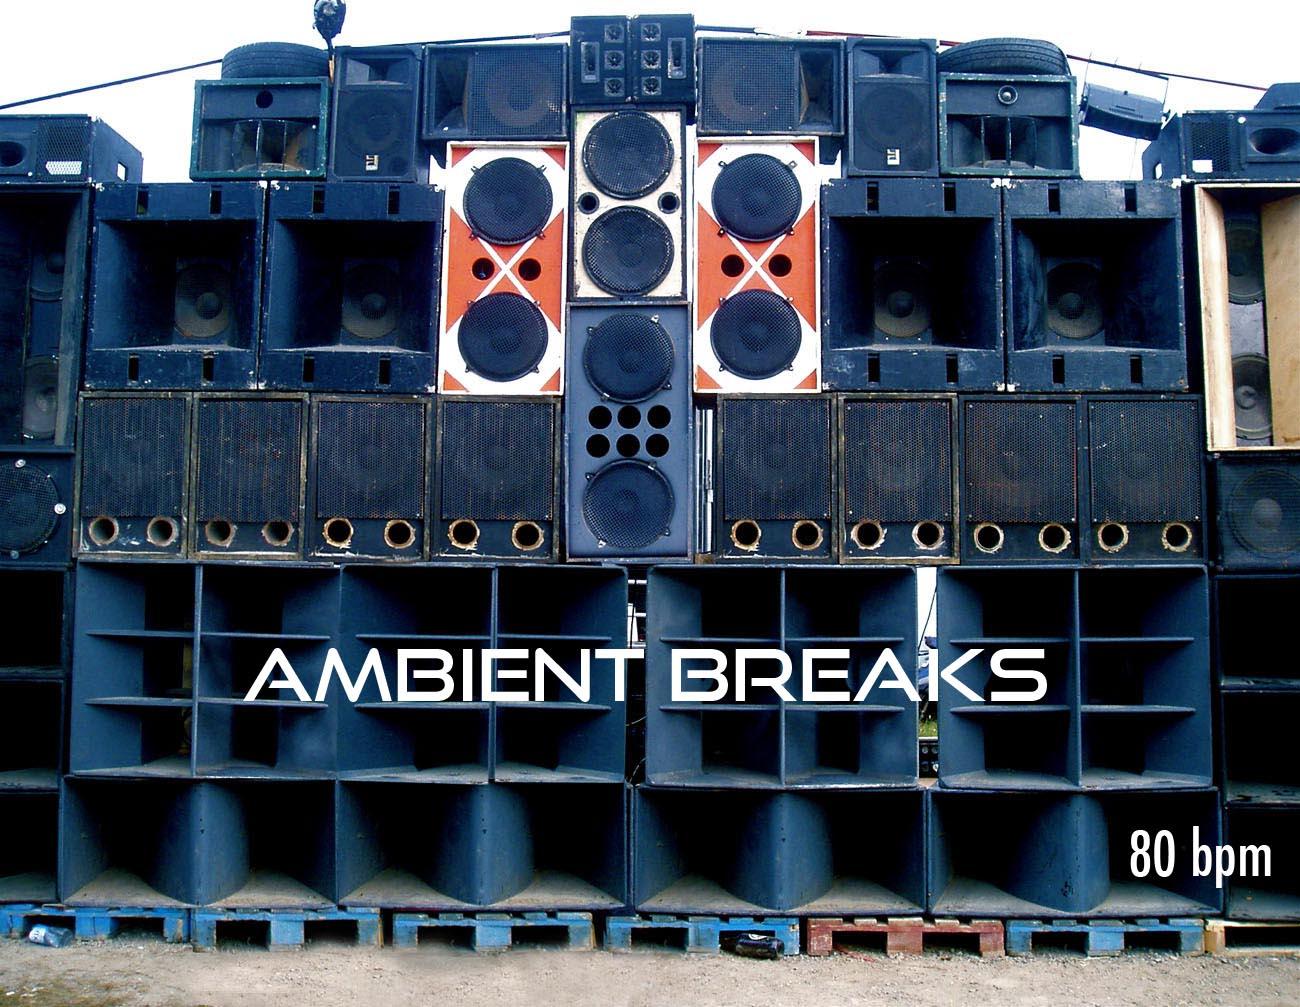 Ambient breaks 1